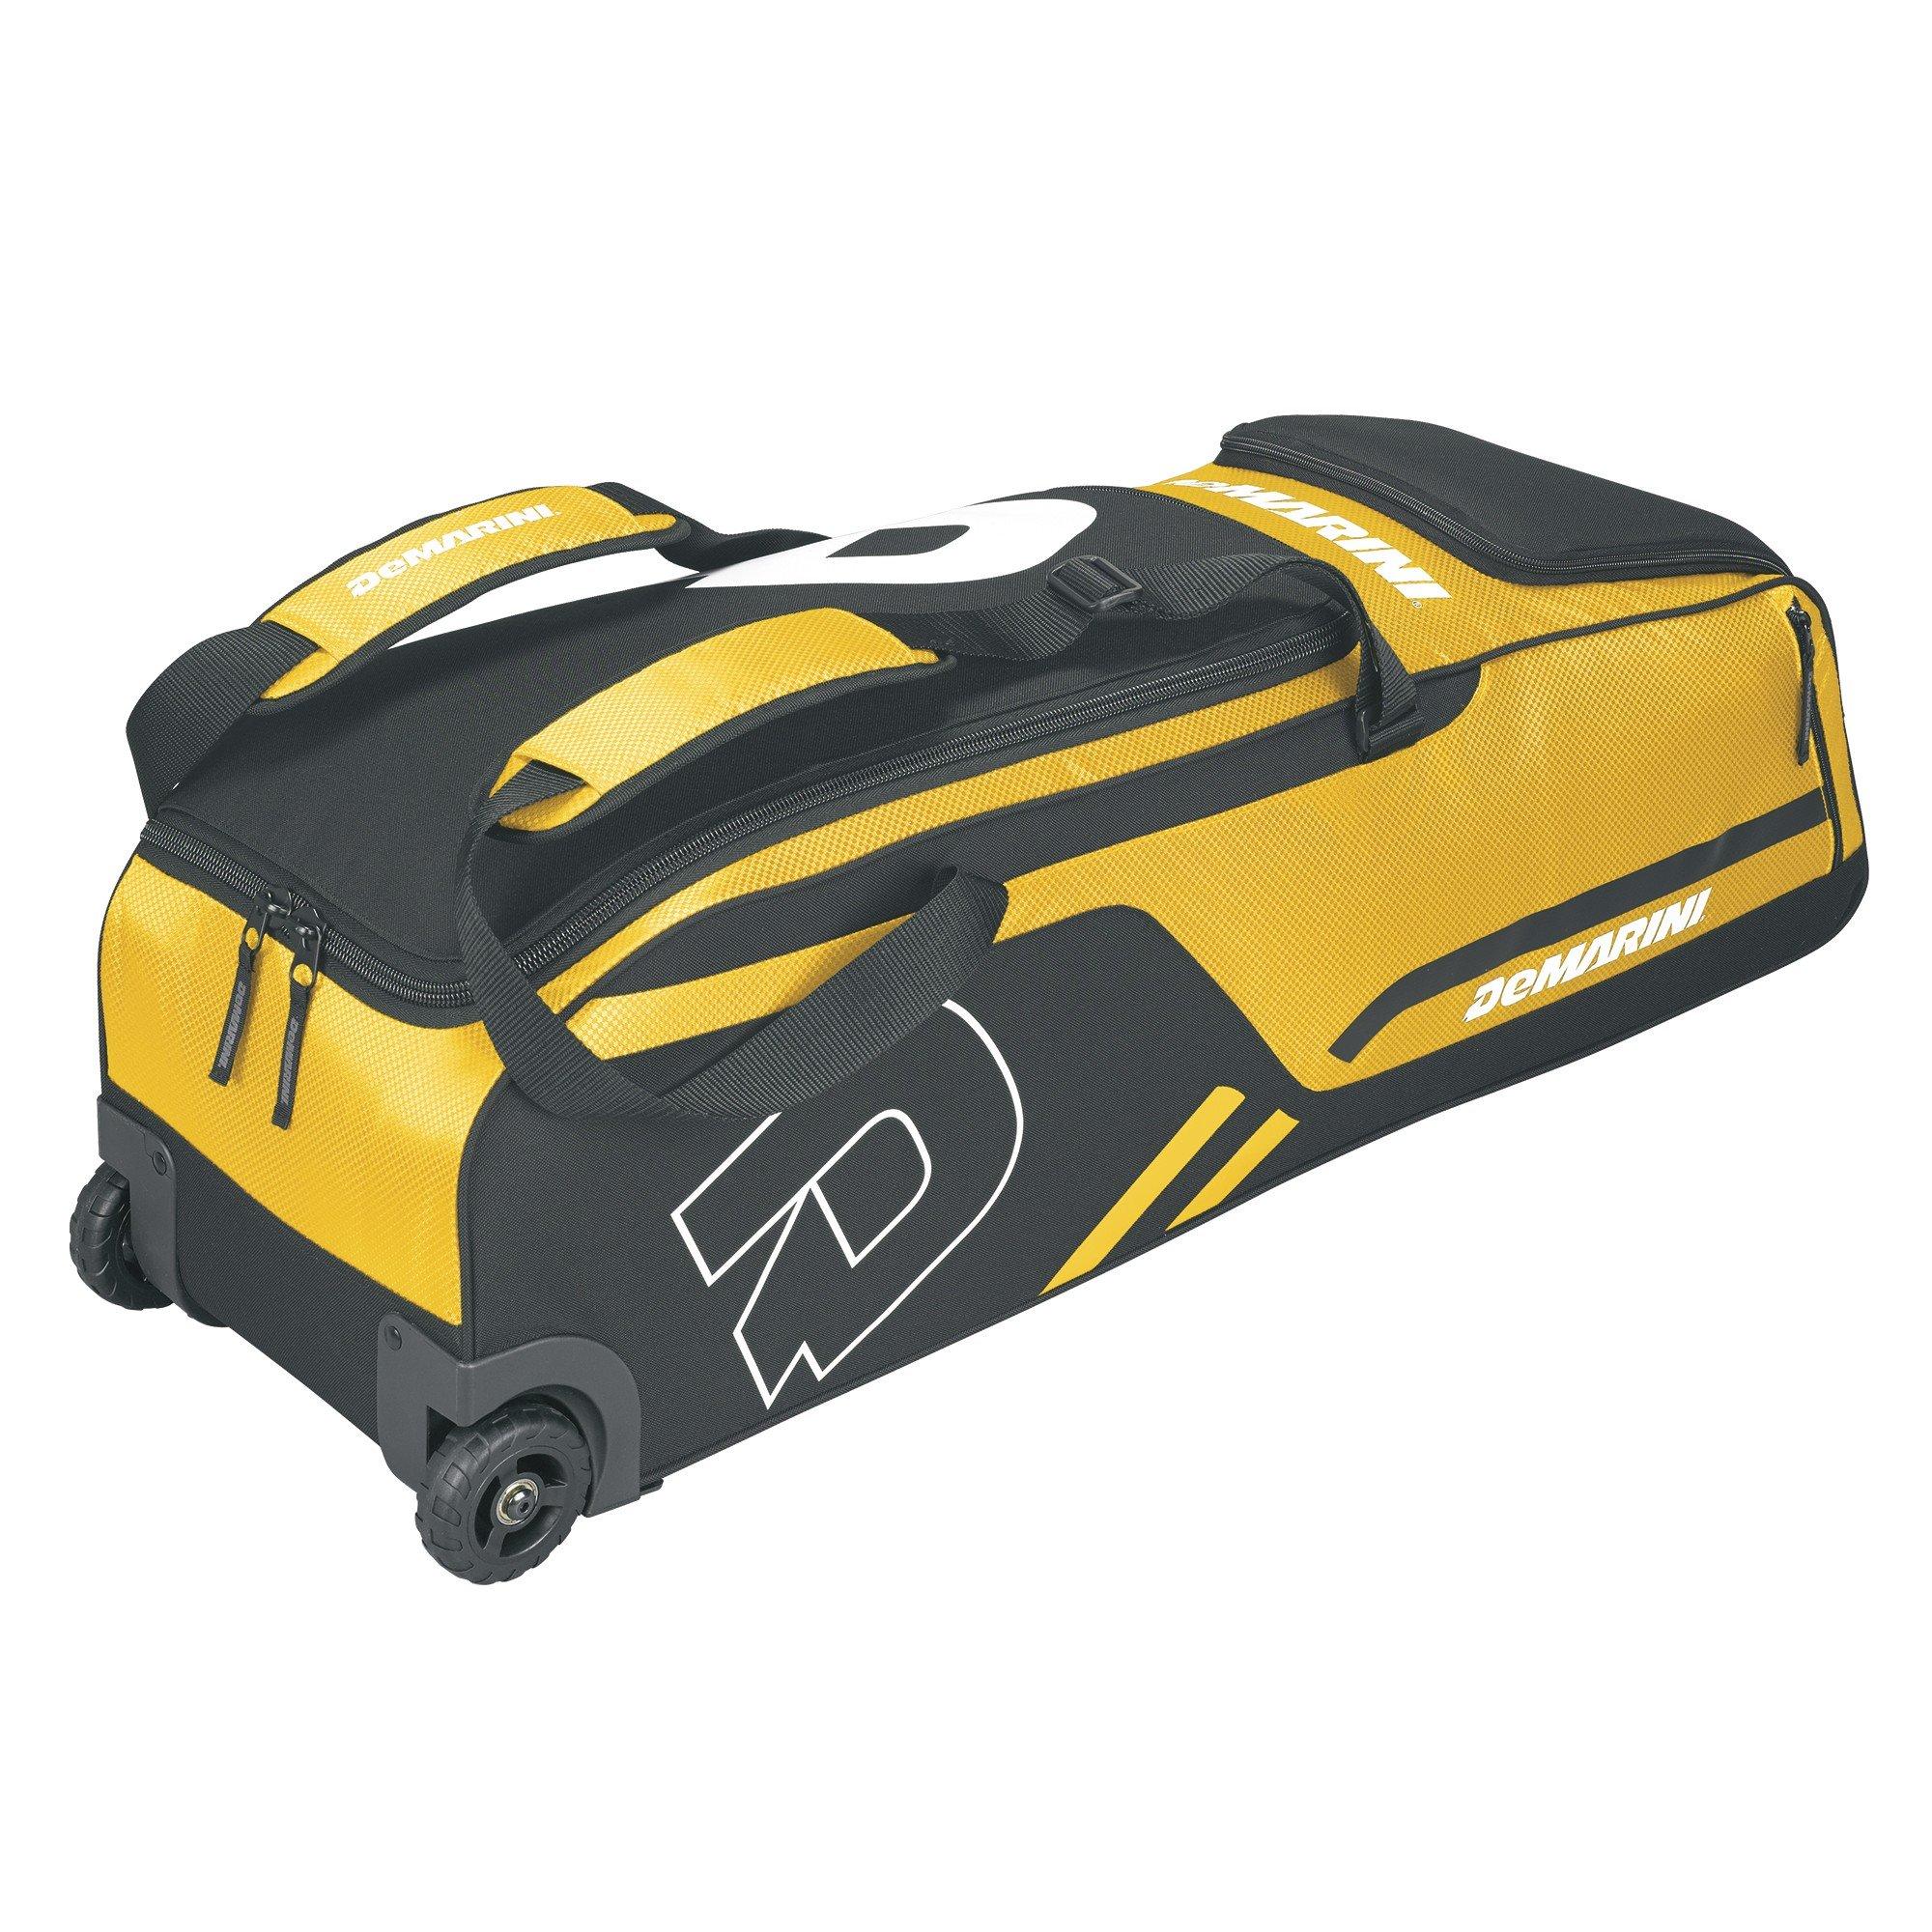 DeMarini Momentum Wheeled Bag, Yellow by DeMarini